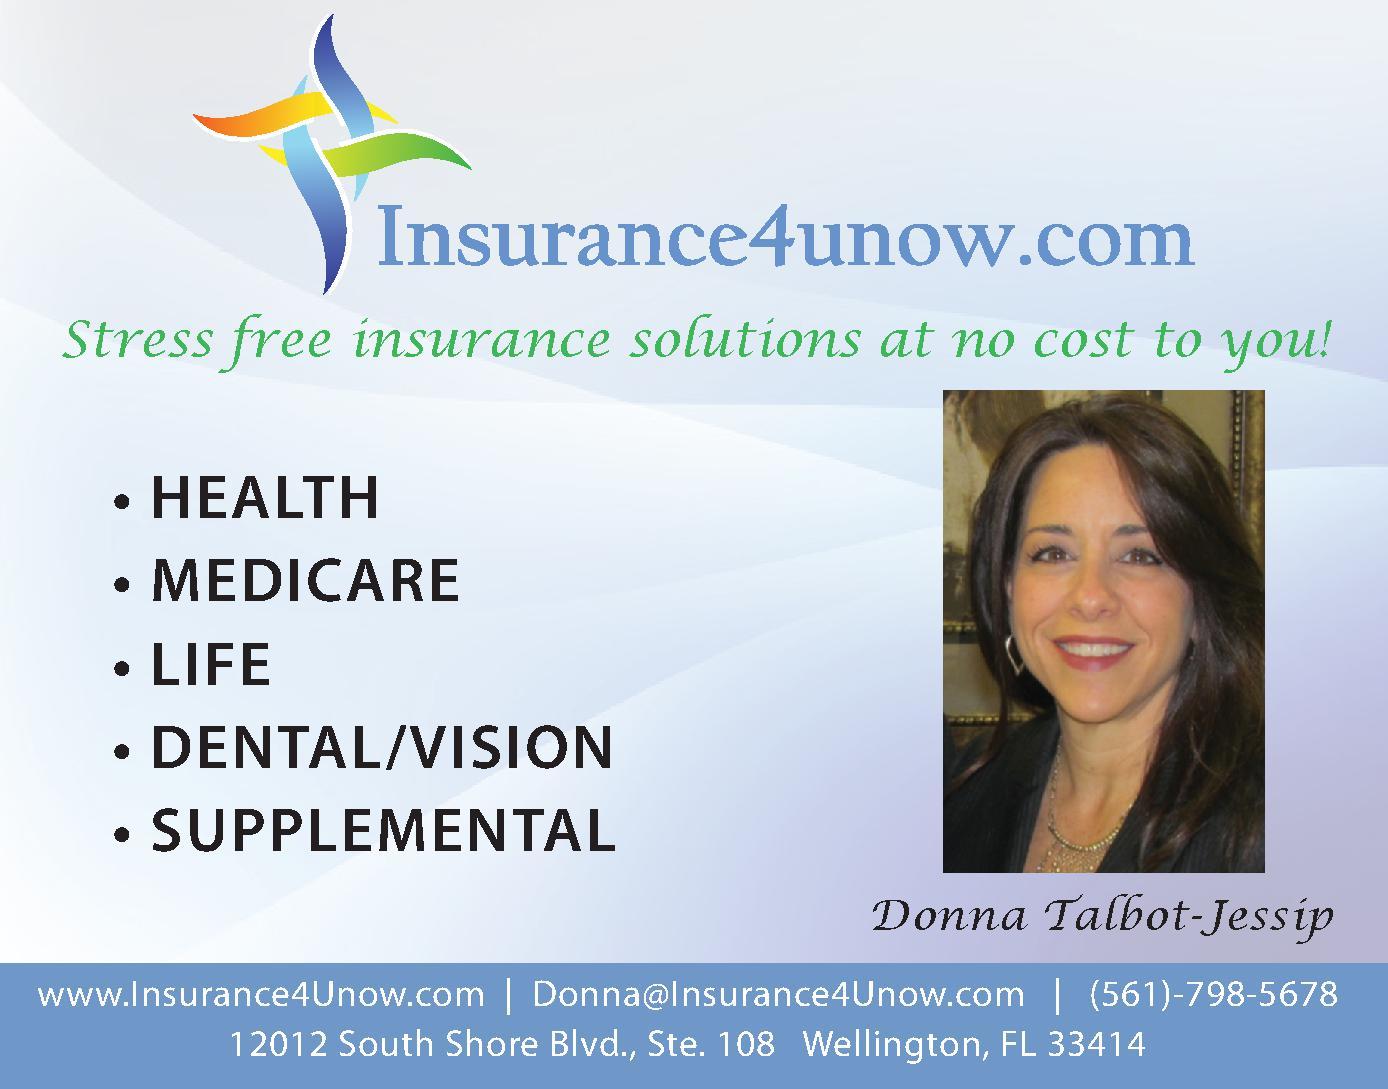 Insurancefor4Unow.com